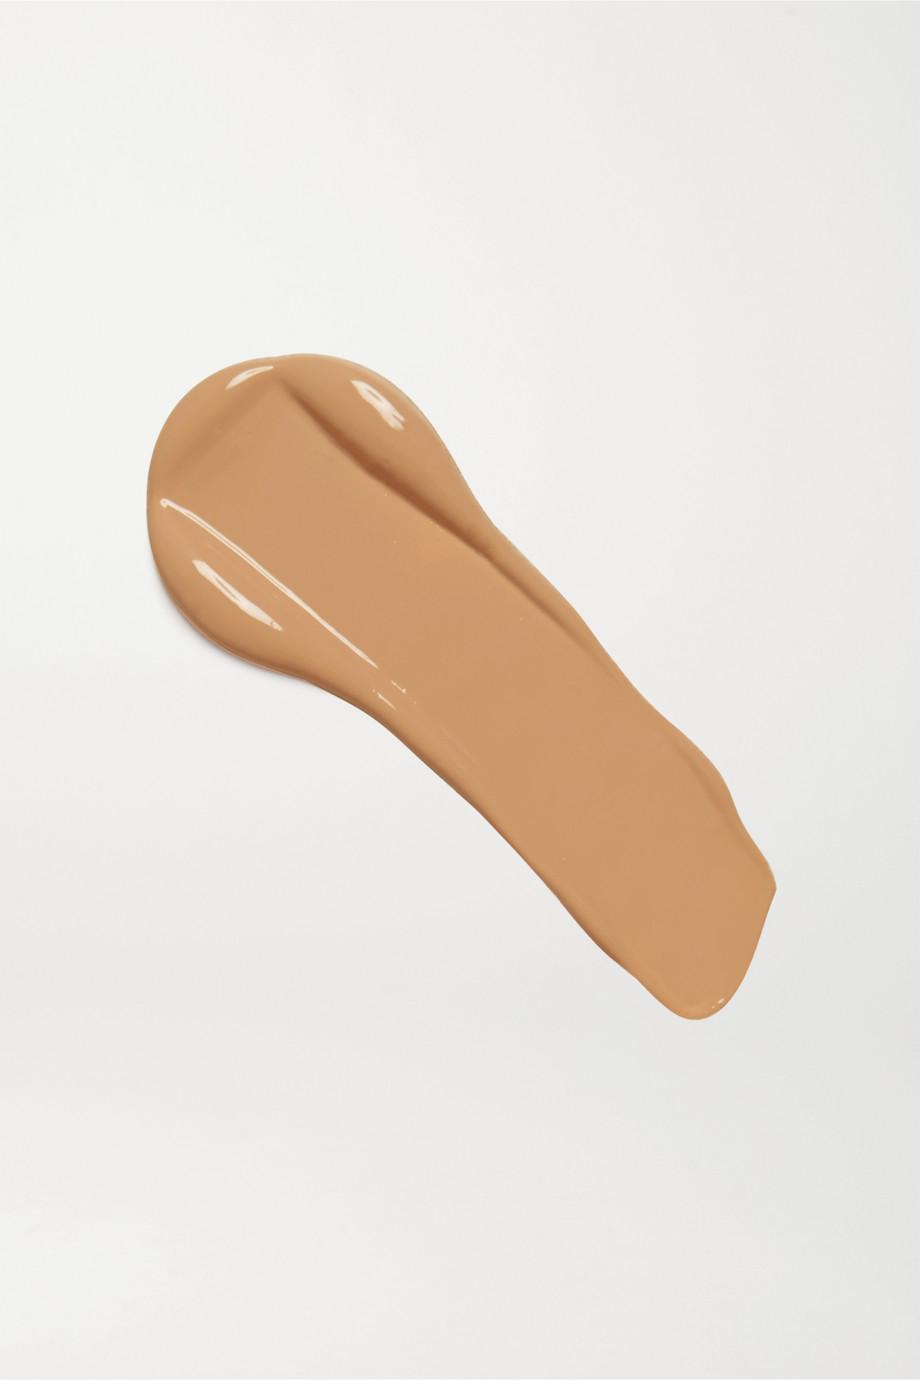 Bobbi Brown Intensive Skin Serum Foundation SPF40 - Warm Sand